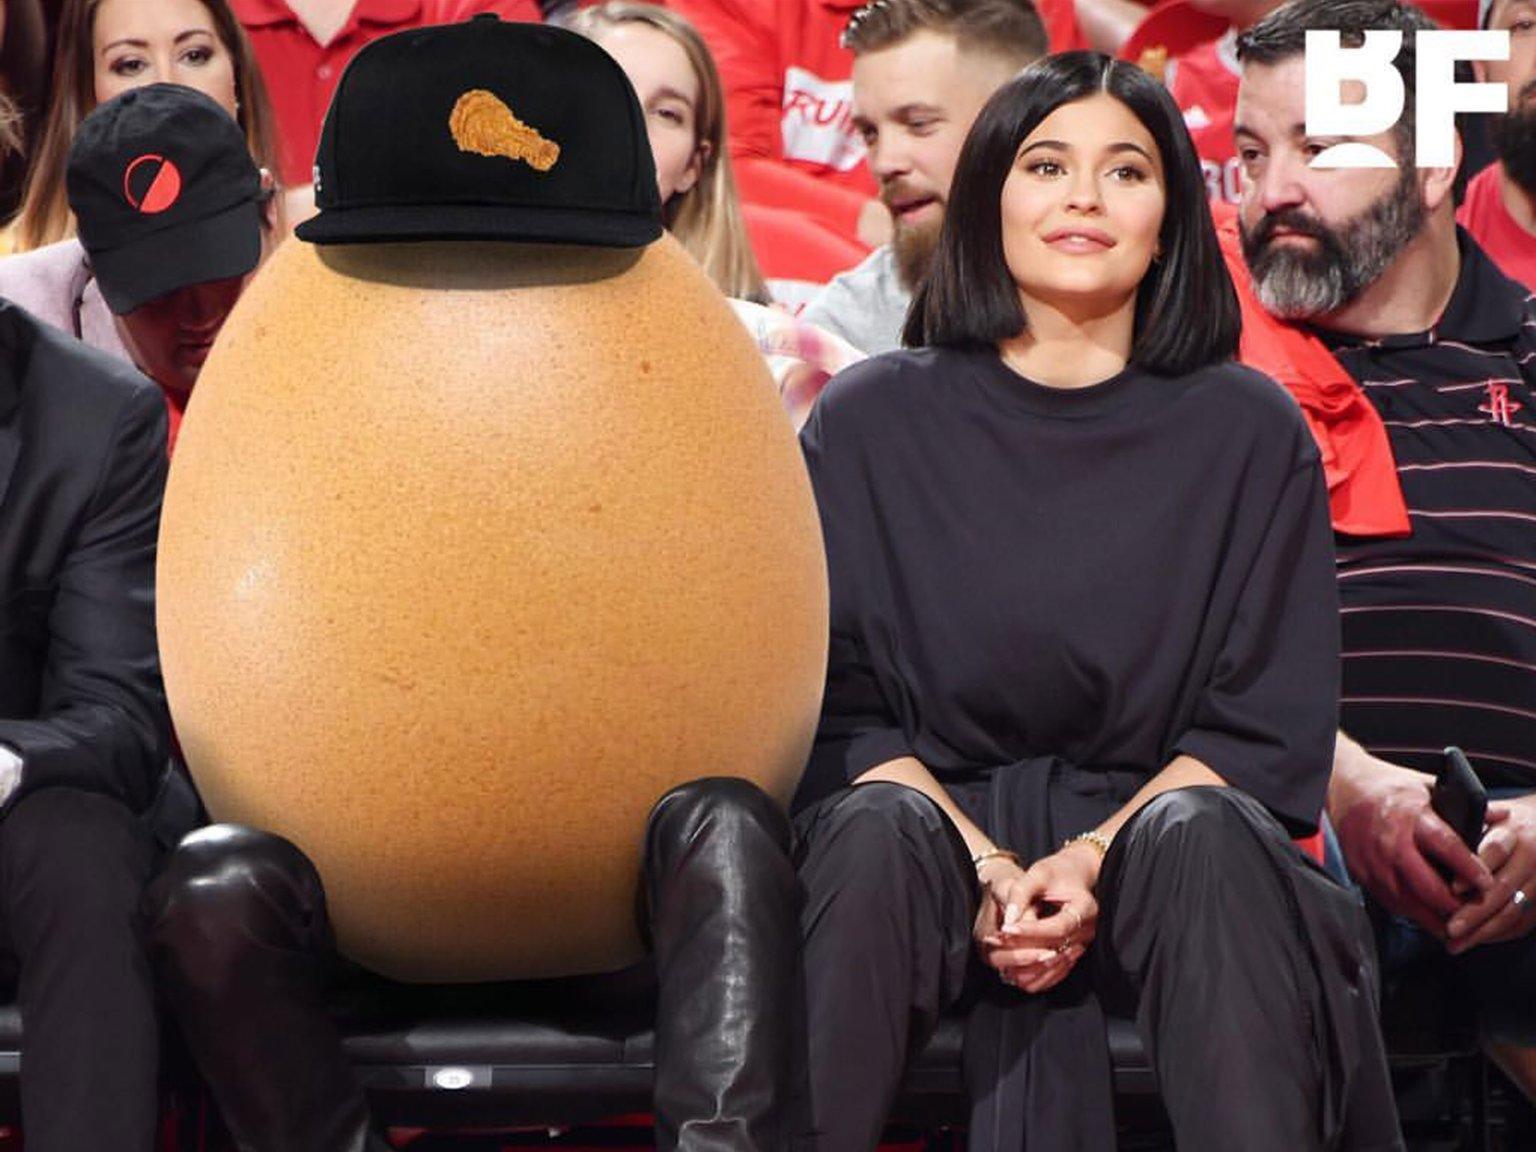 Fotografoi vezën që theu çdo rekord të rrjeteve sociale  Jam i shokuar